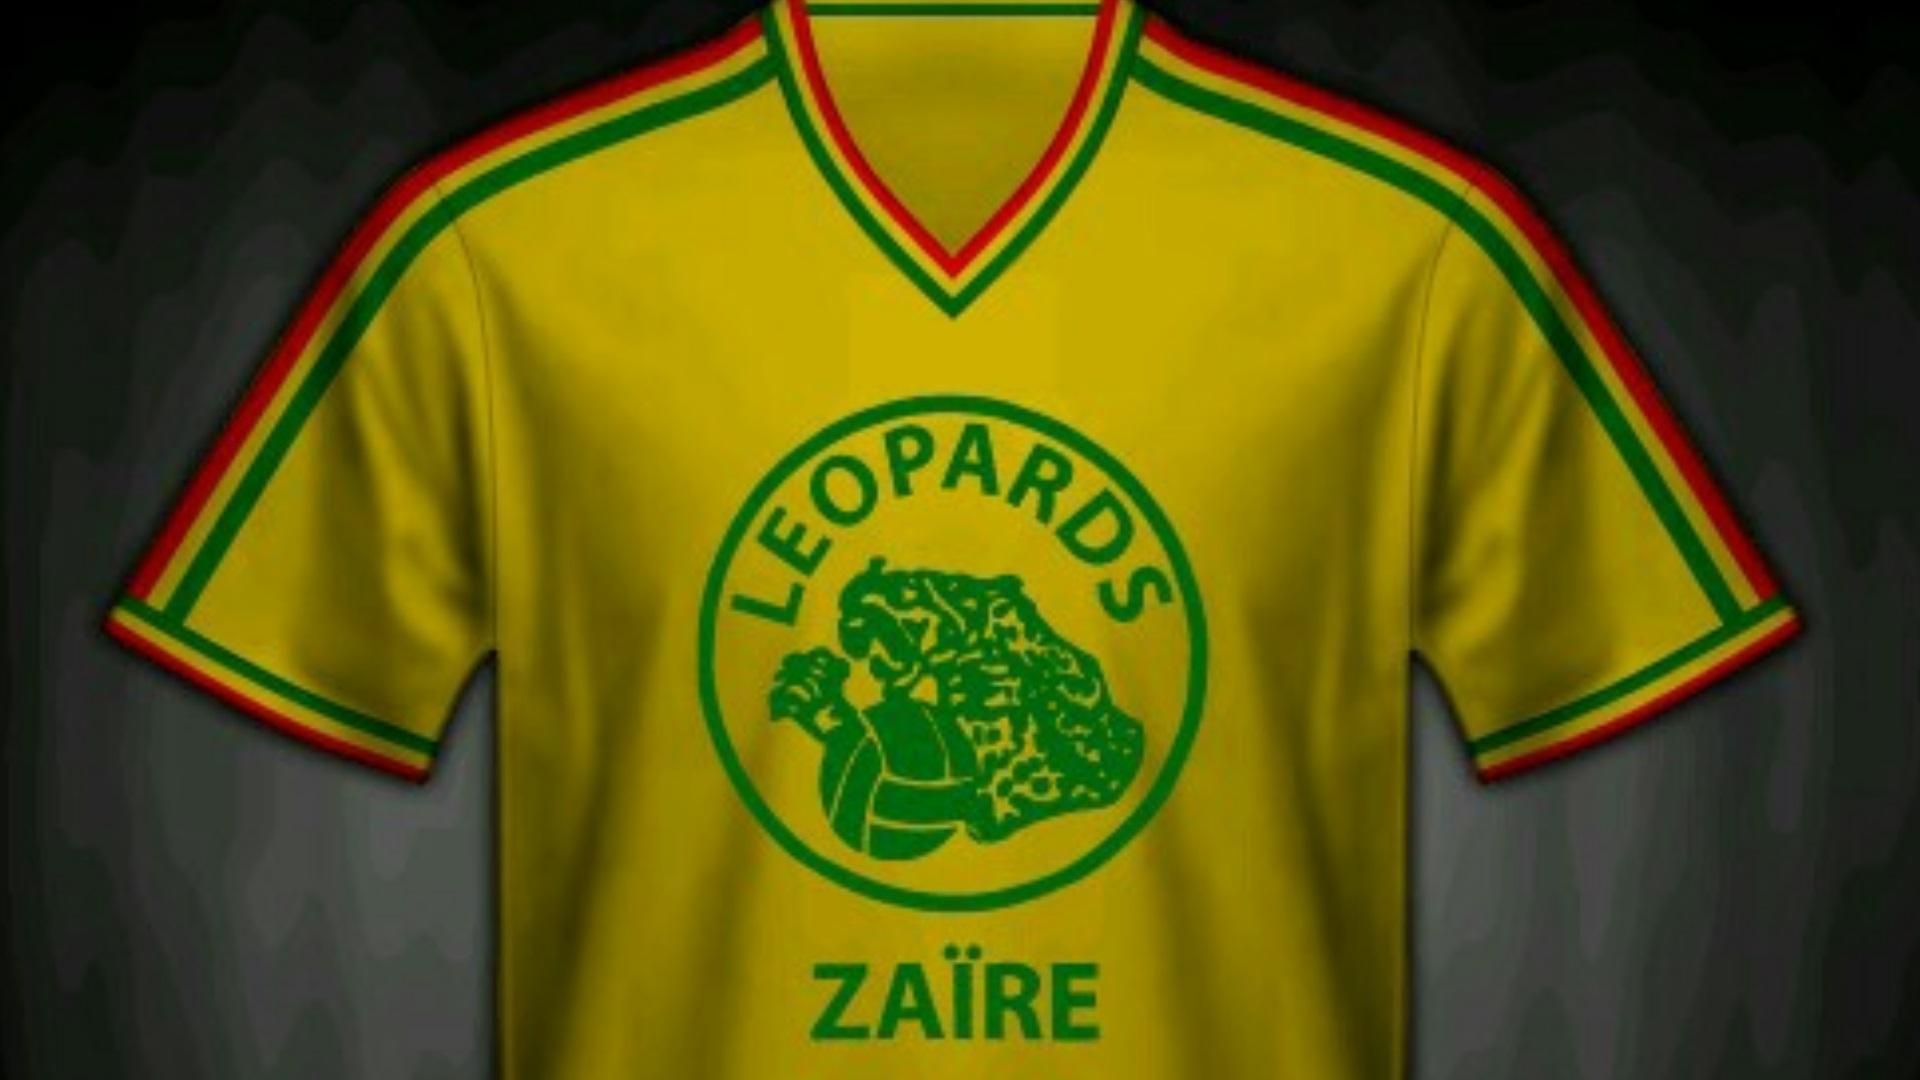 Zaire Copa do Mundo 1974 08 11 2017